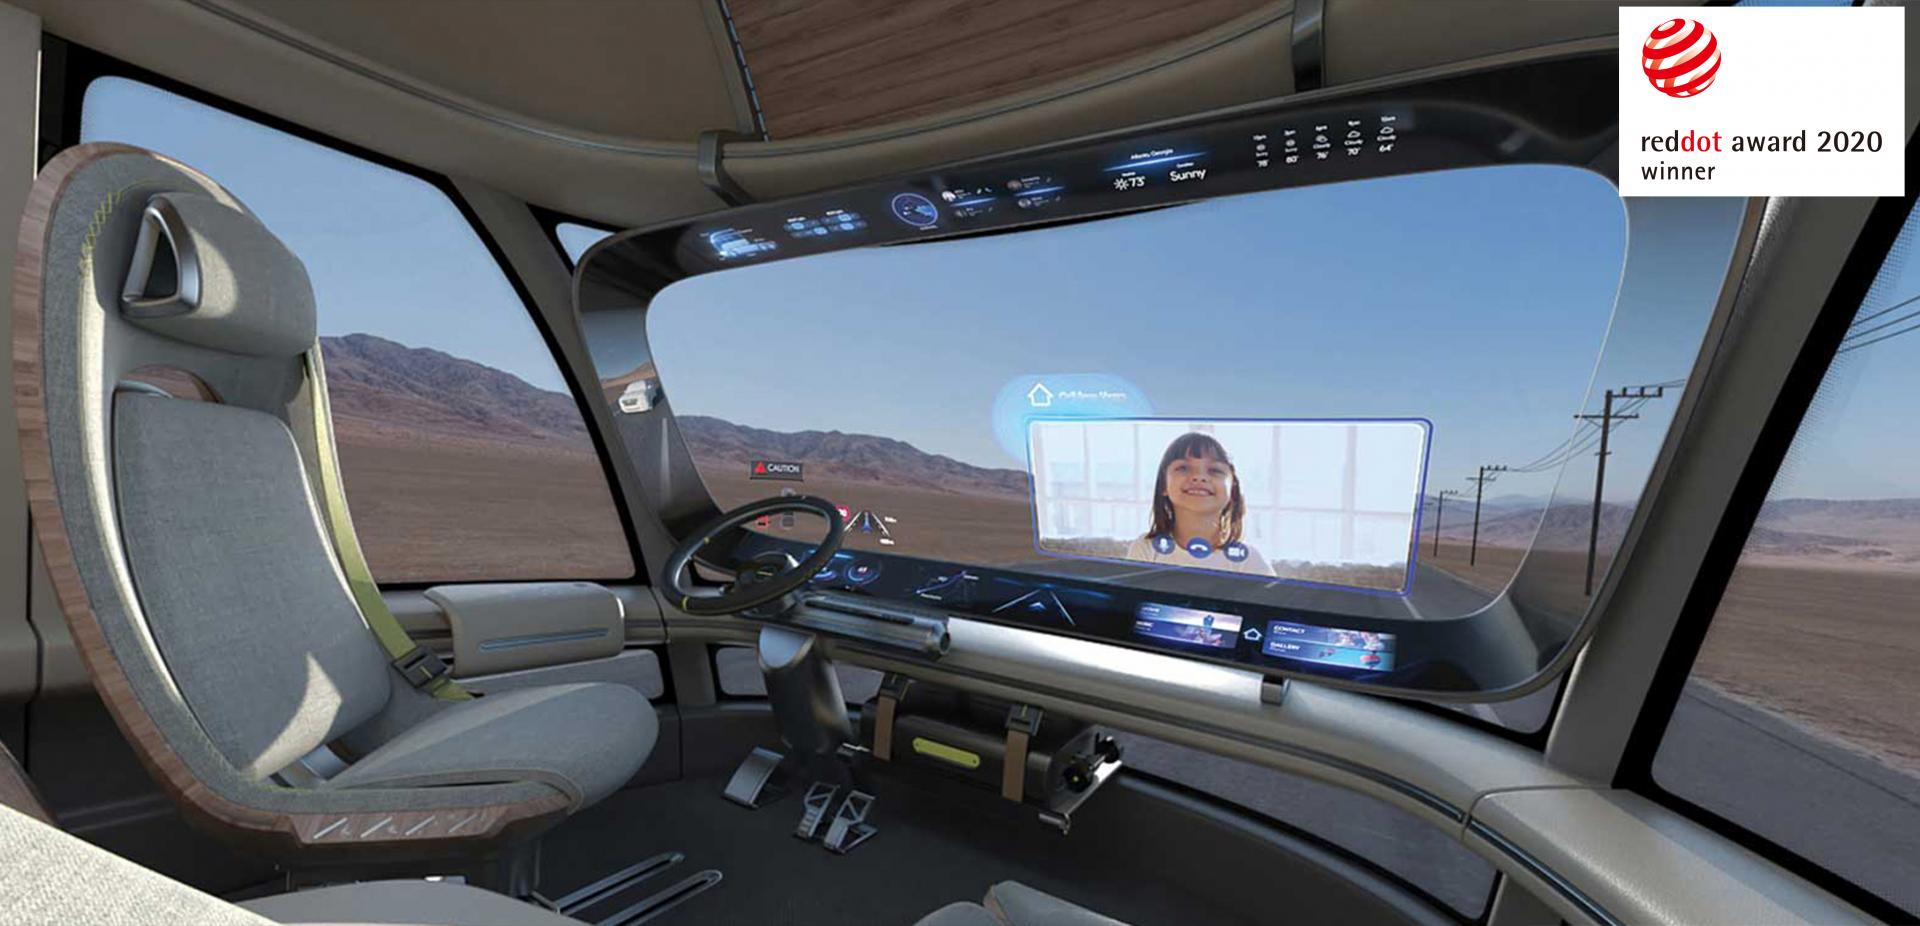 Компанія Hyundai Motor отримала три нагороди Red Dot Award 2020 за концептуальний дизайн | Івано-Франківськ - фото 12